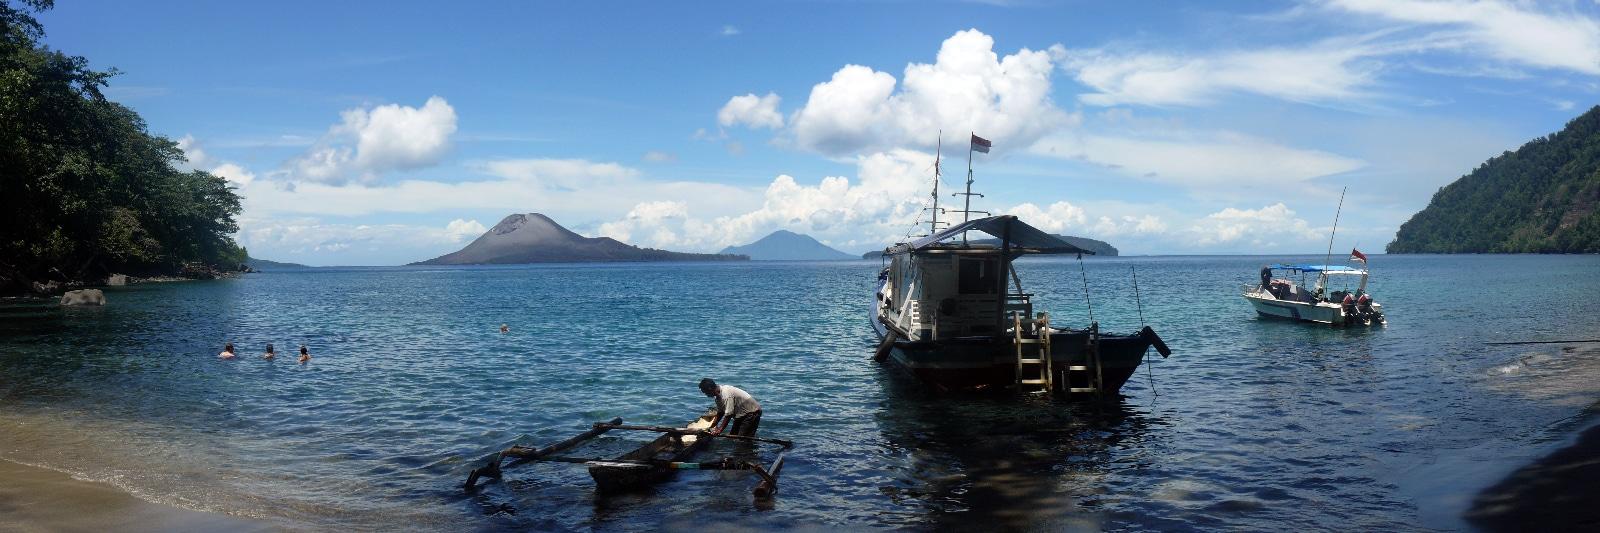 Indonésie, Krakatau.